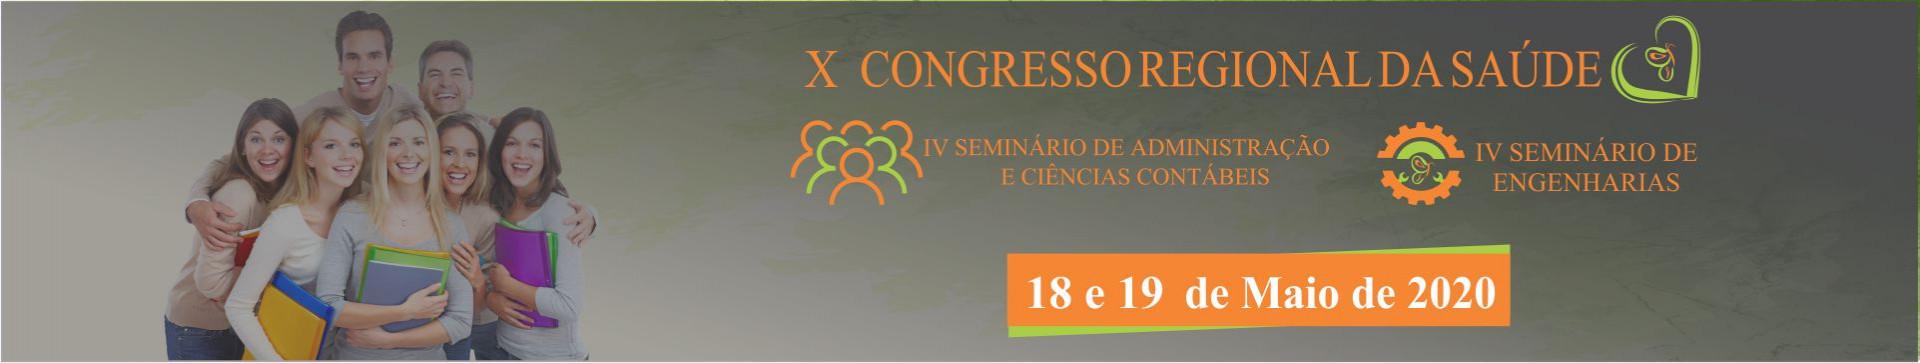 Congresso FCV 2020